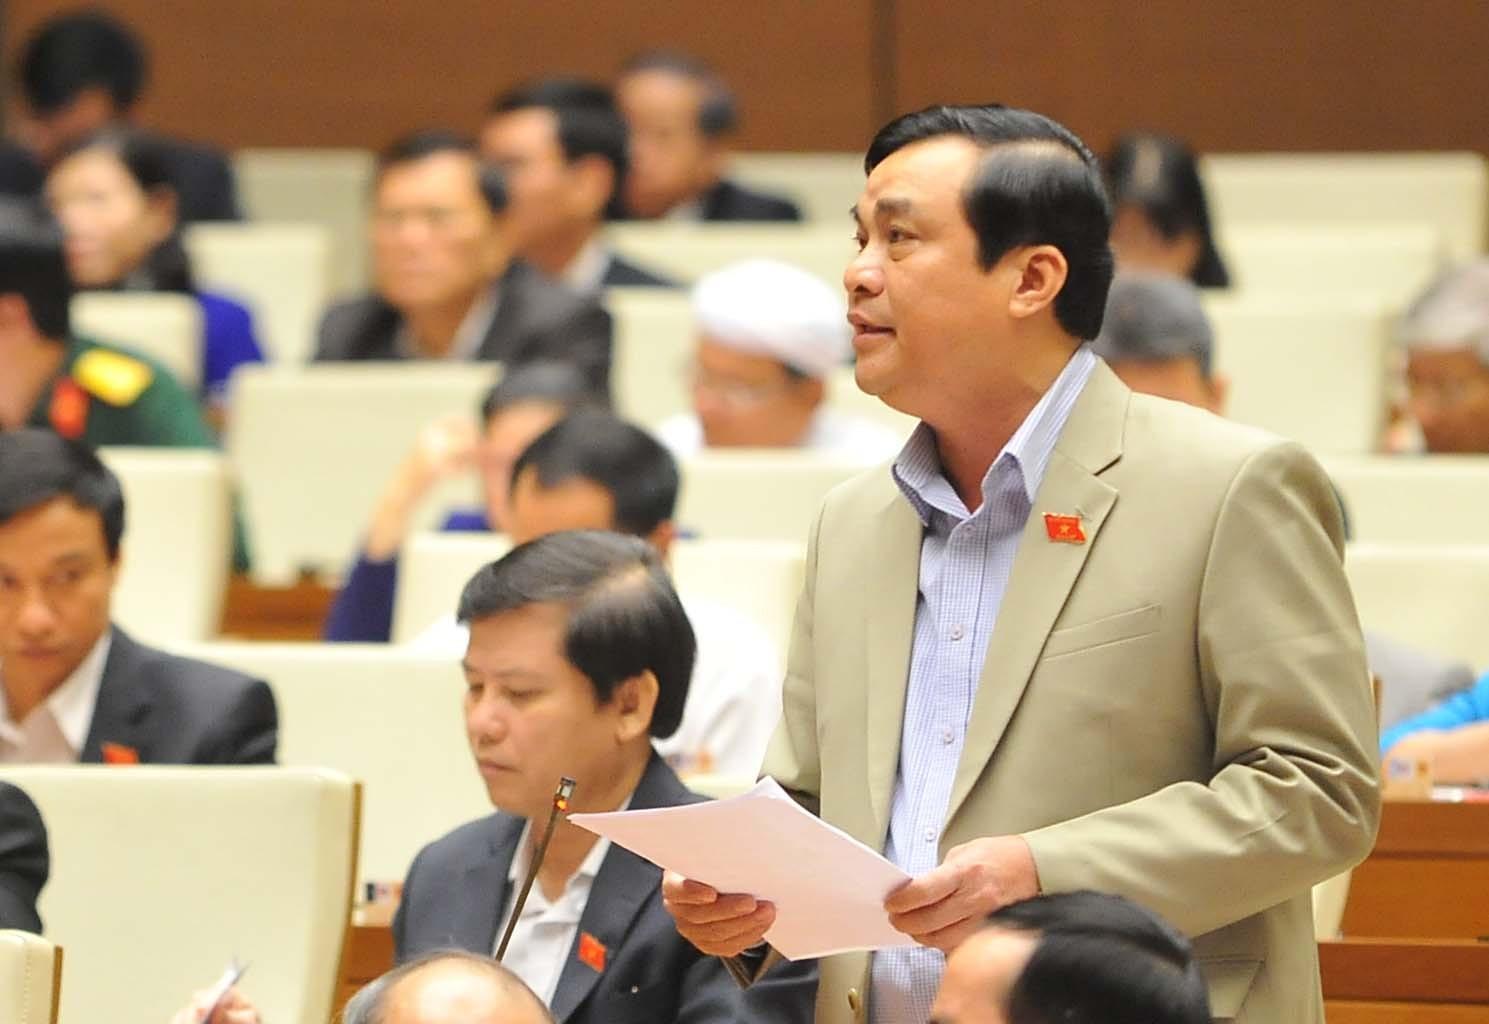 Trưởng đoàn Đại biểu Quốc hội tỉnh Phan Việt Cường trong một lần phát biểu tại diễn đàn Quốc hội. Ảnh: T.S